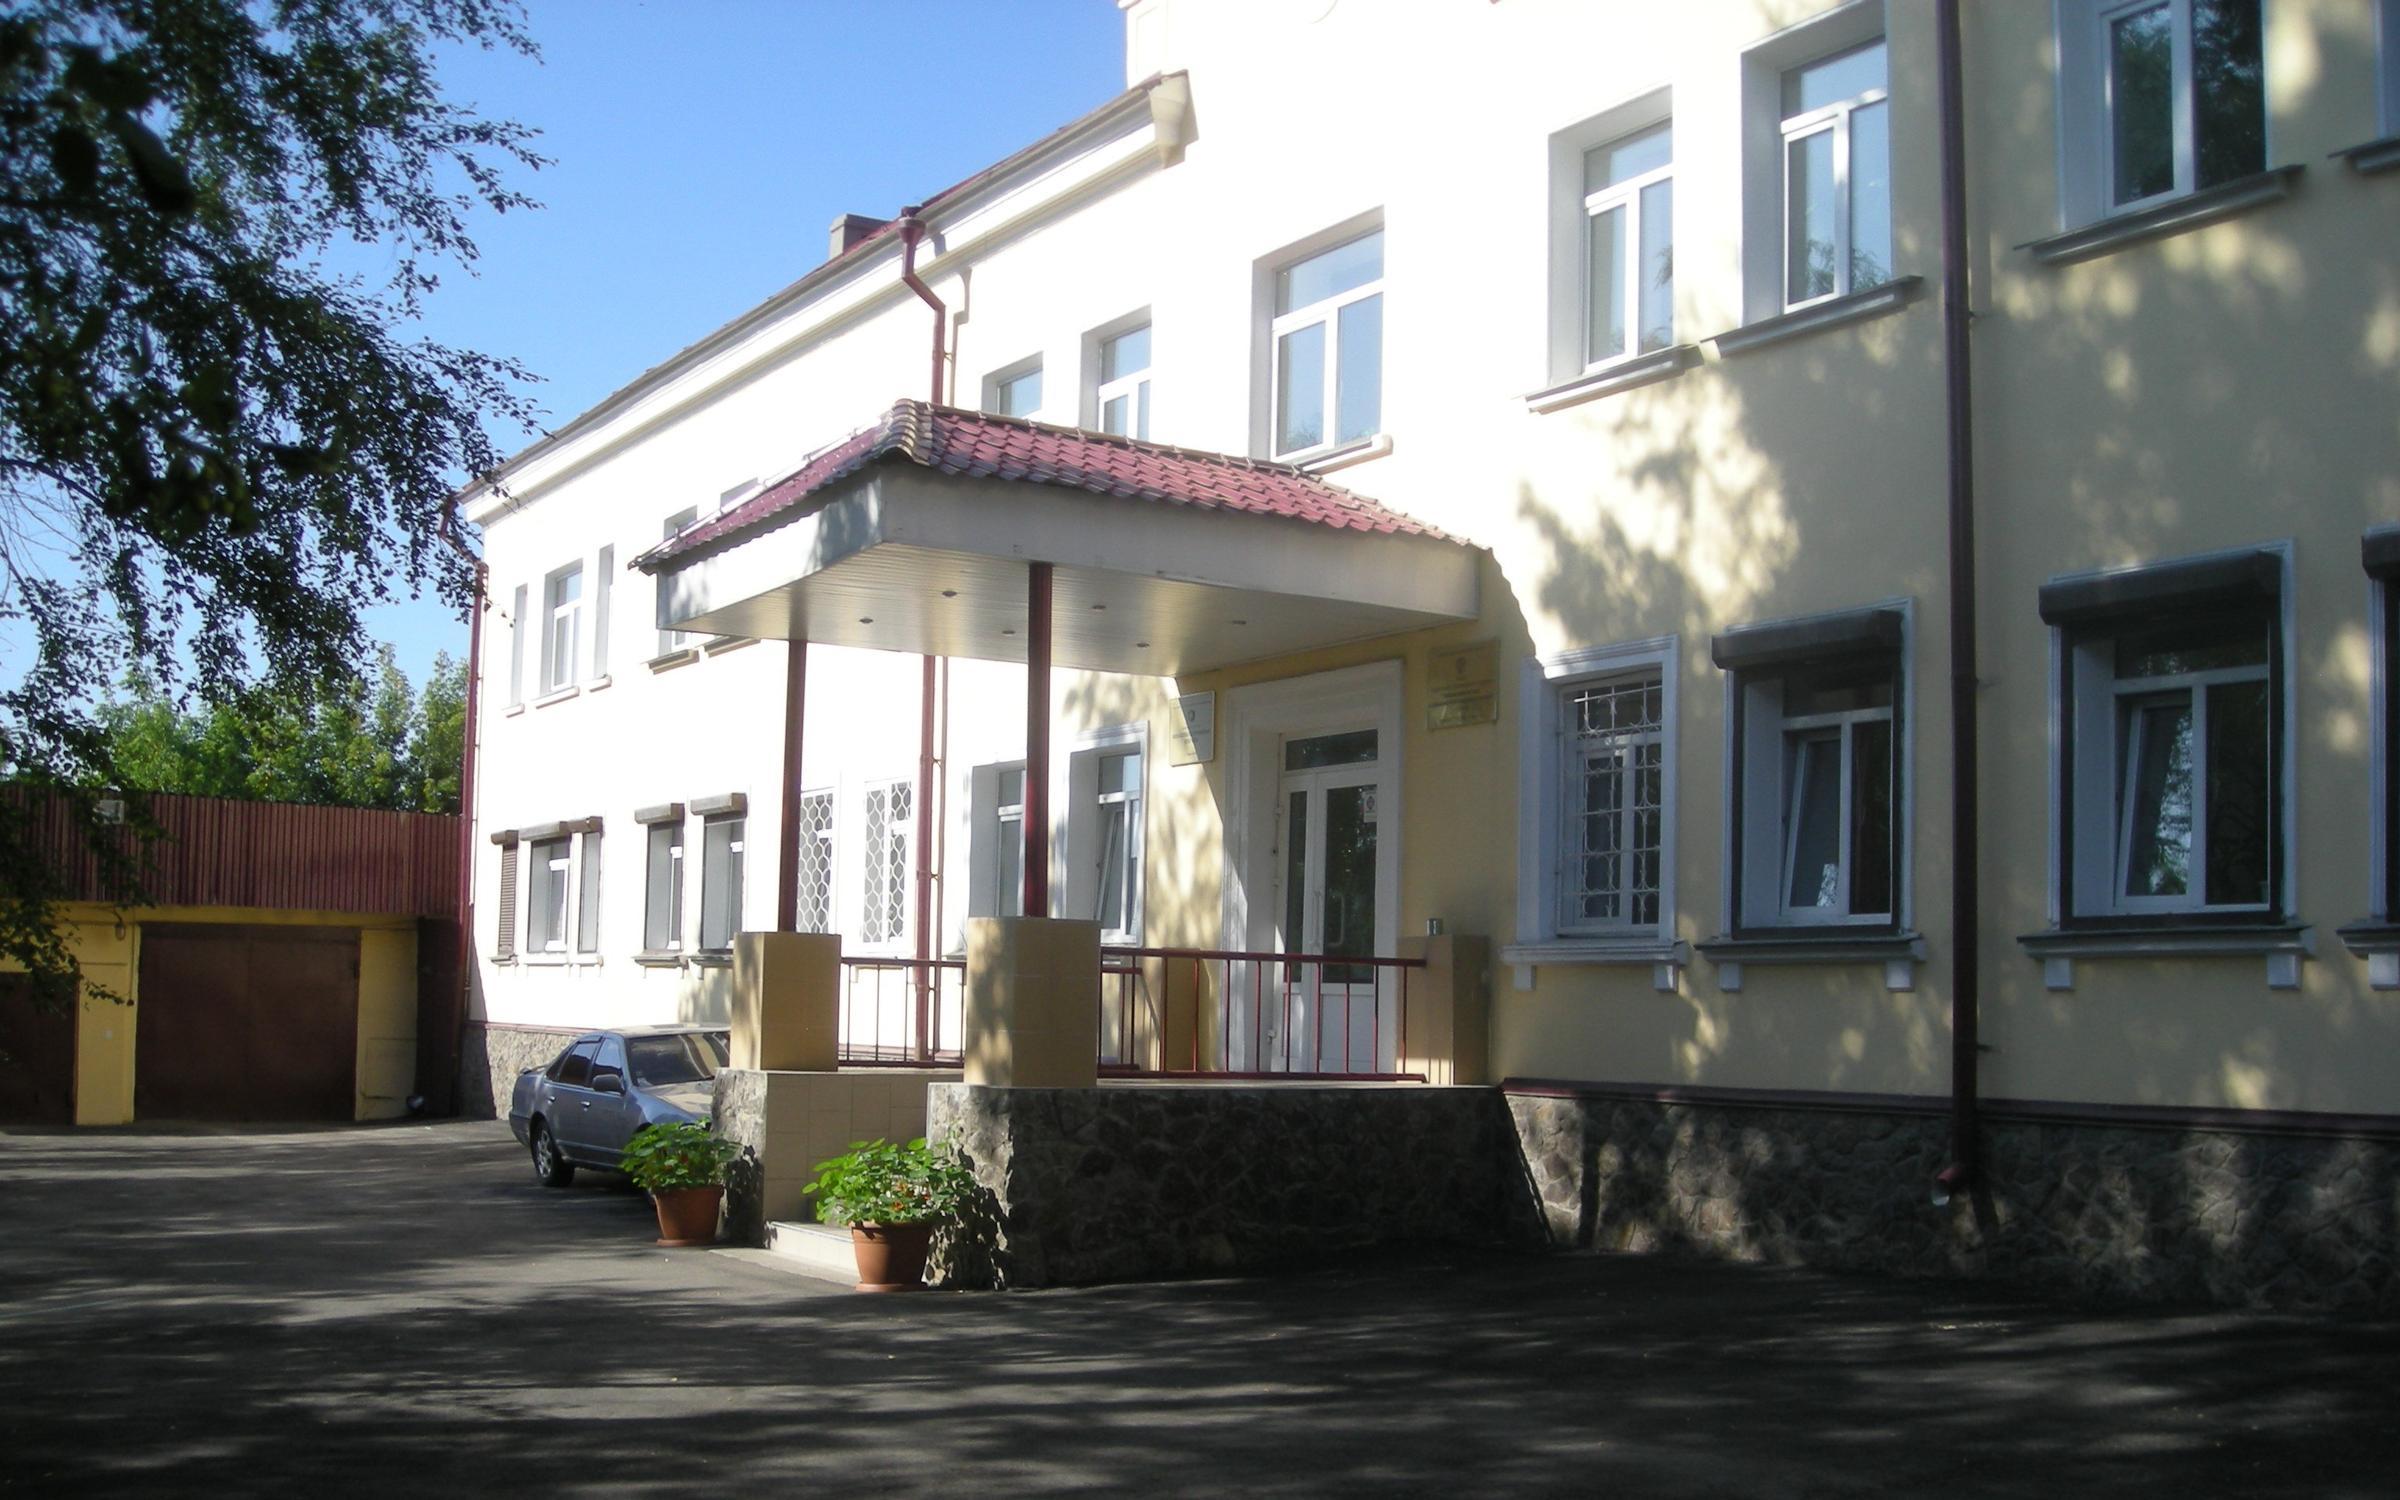 фотография Автошколы Учебно-методический центр по образованию на железнодорожном транспорте г. Иркутске